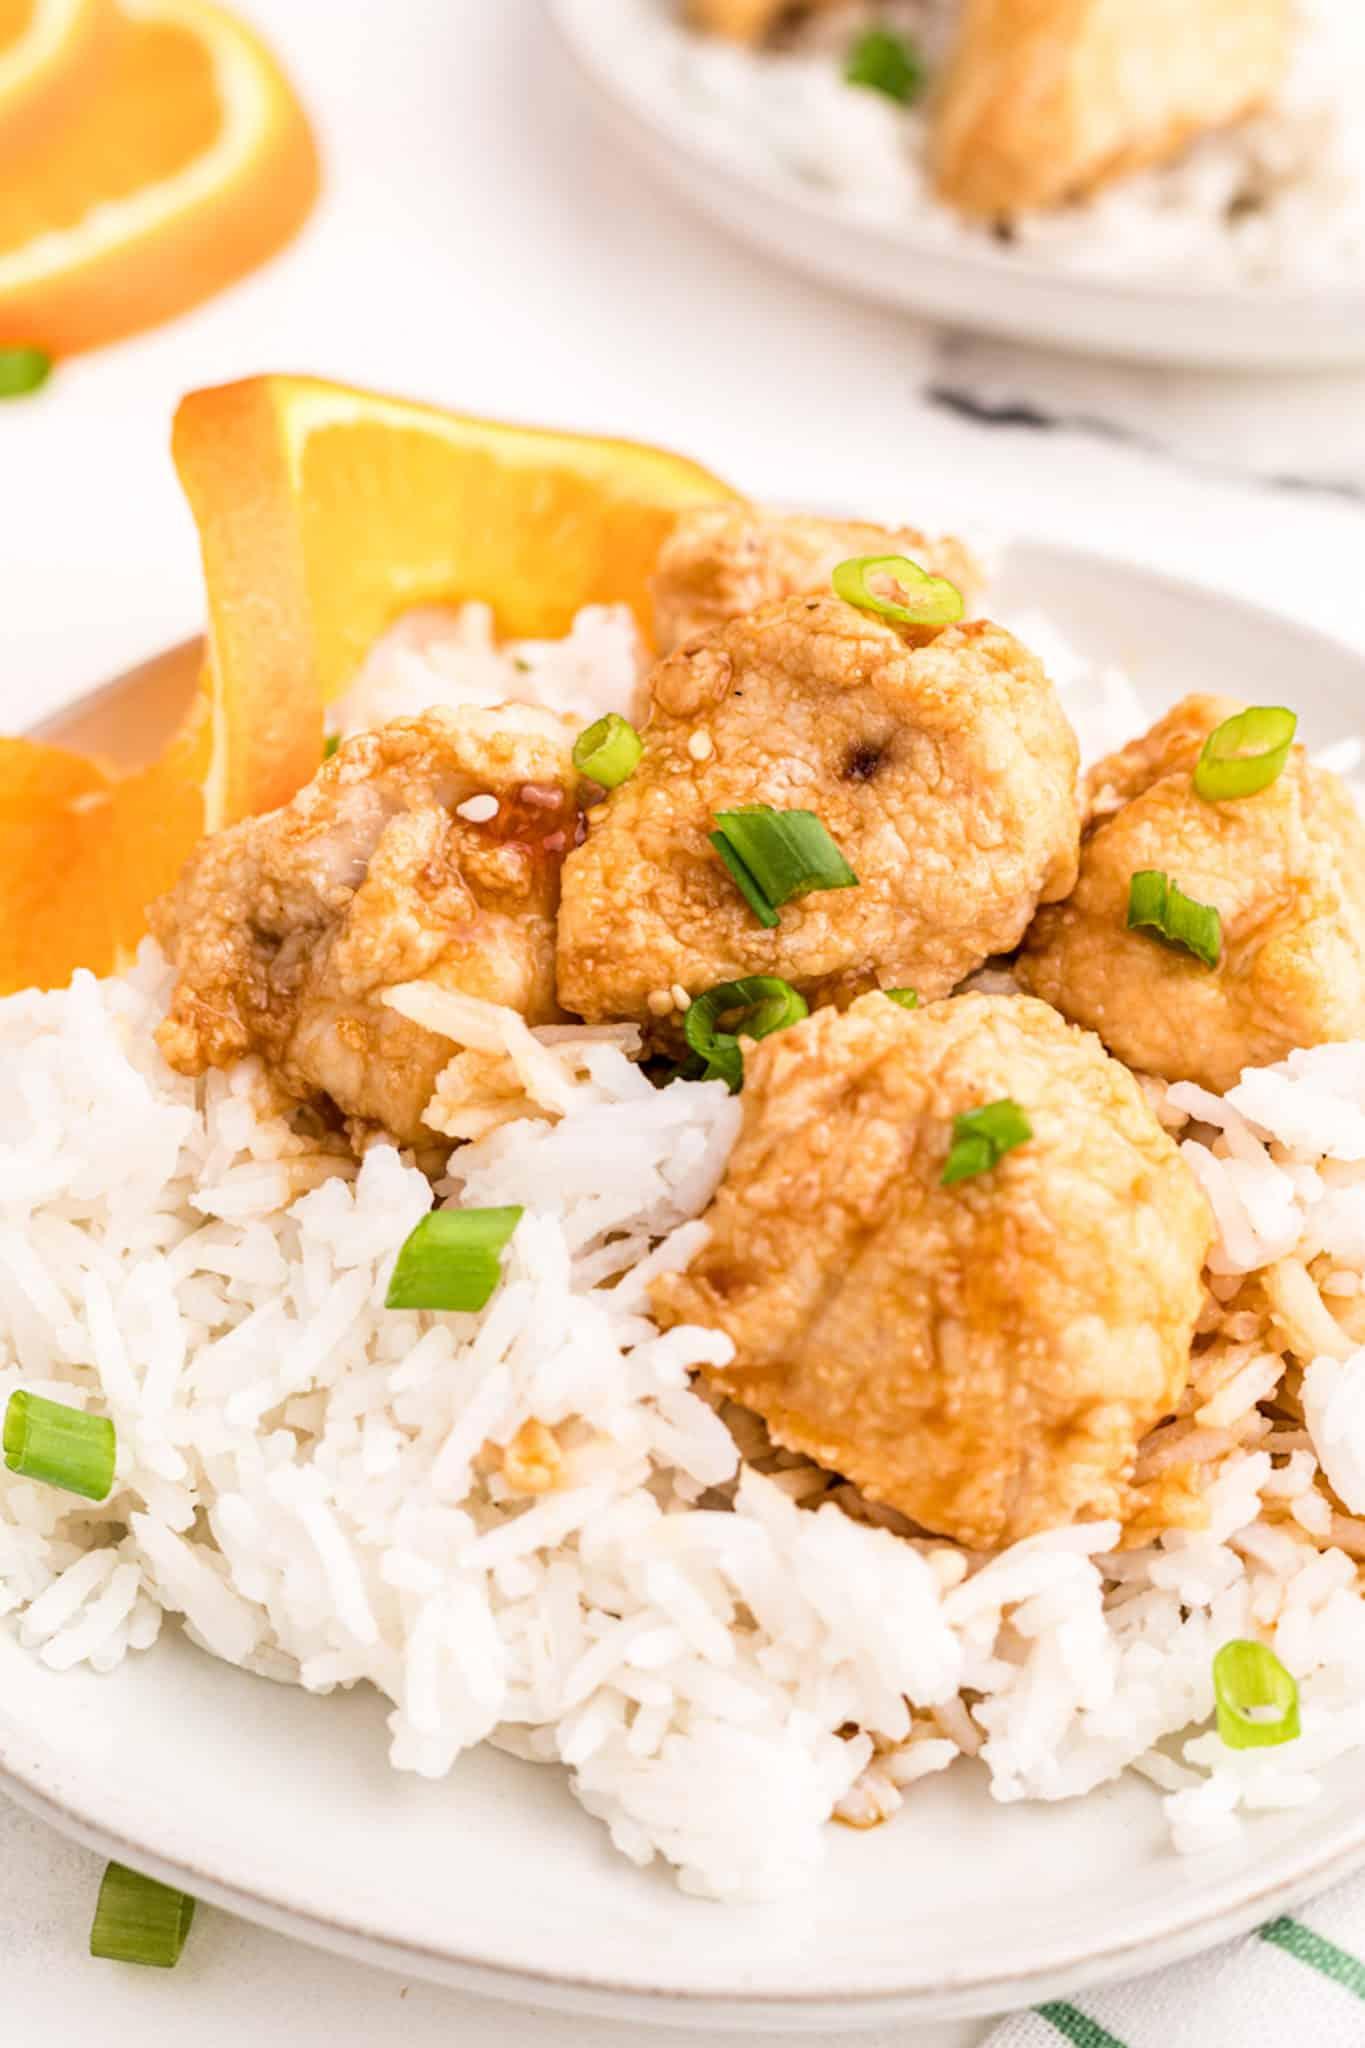 orange chicken with rice